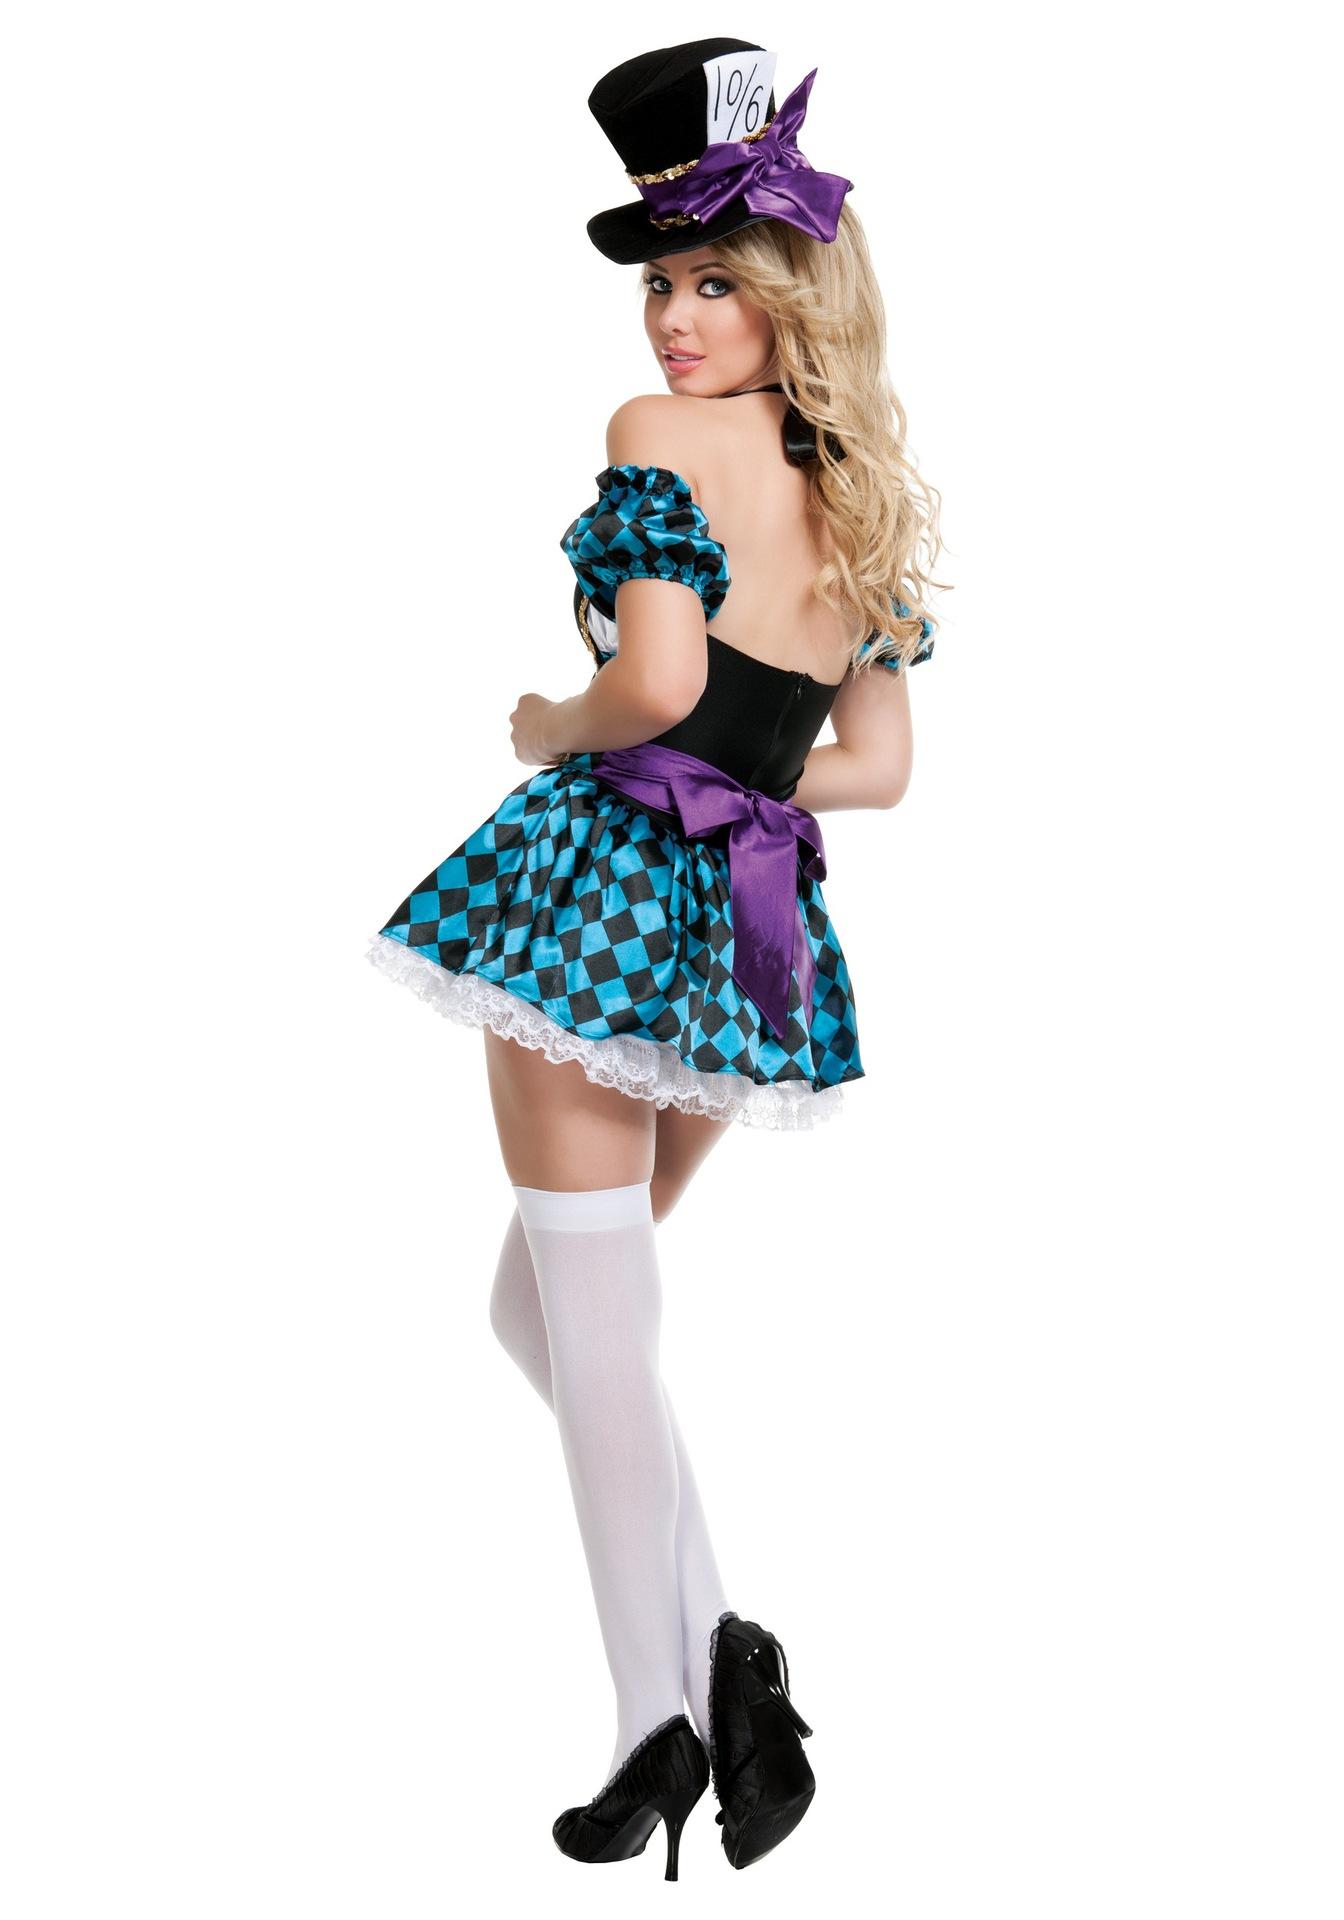 マジシャンのコスプレ衣装のサーカスのピエロ、アリスのワンダーランド成人ハロウィンの衣装の女